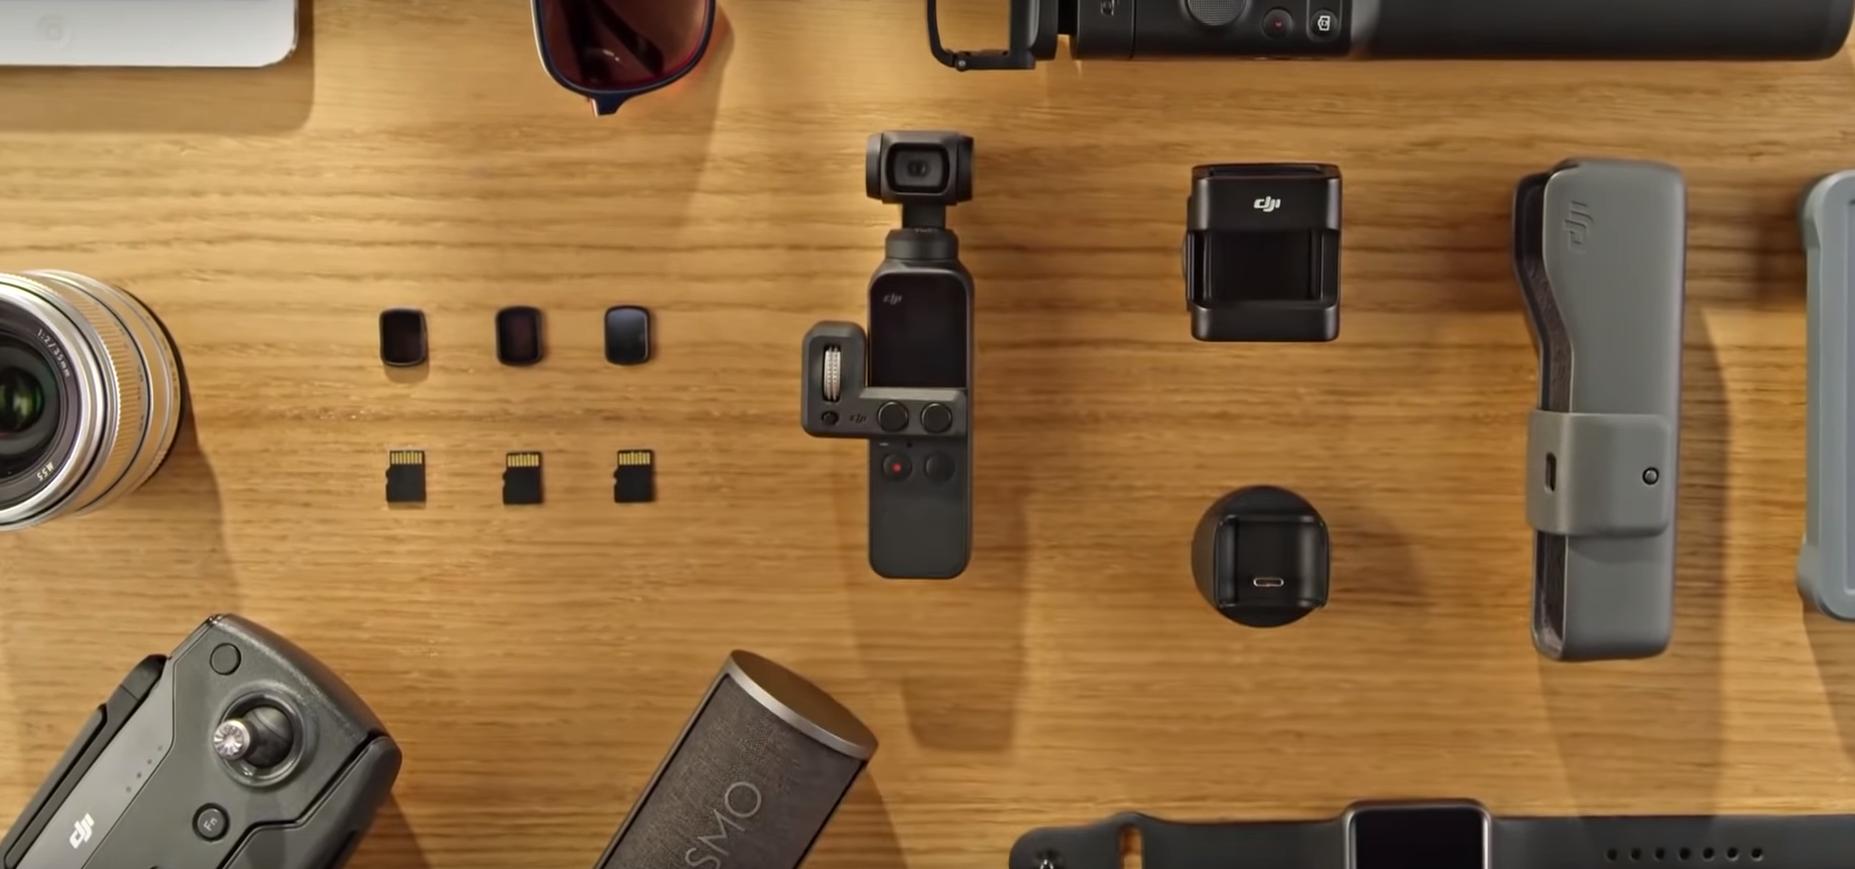 DJI Osmo Pocket и Xiaomi FIMI PALM преглед и сравнение